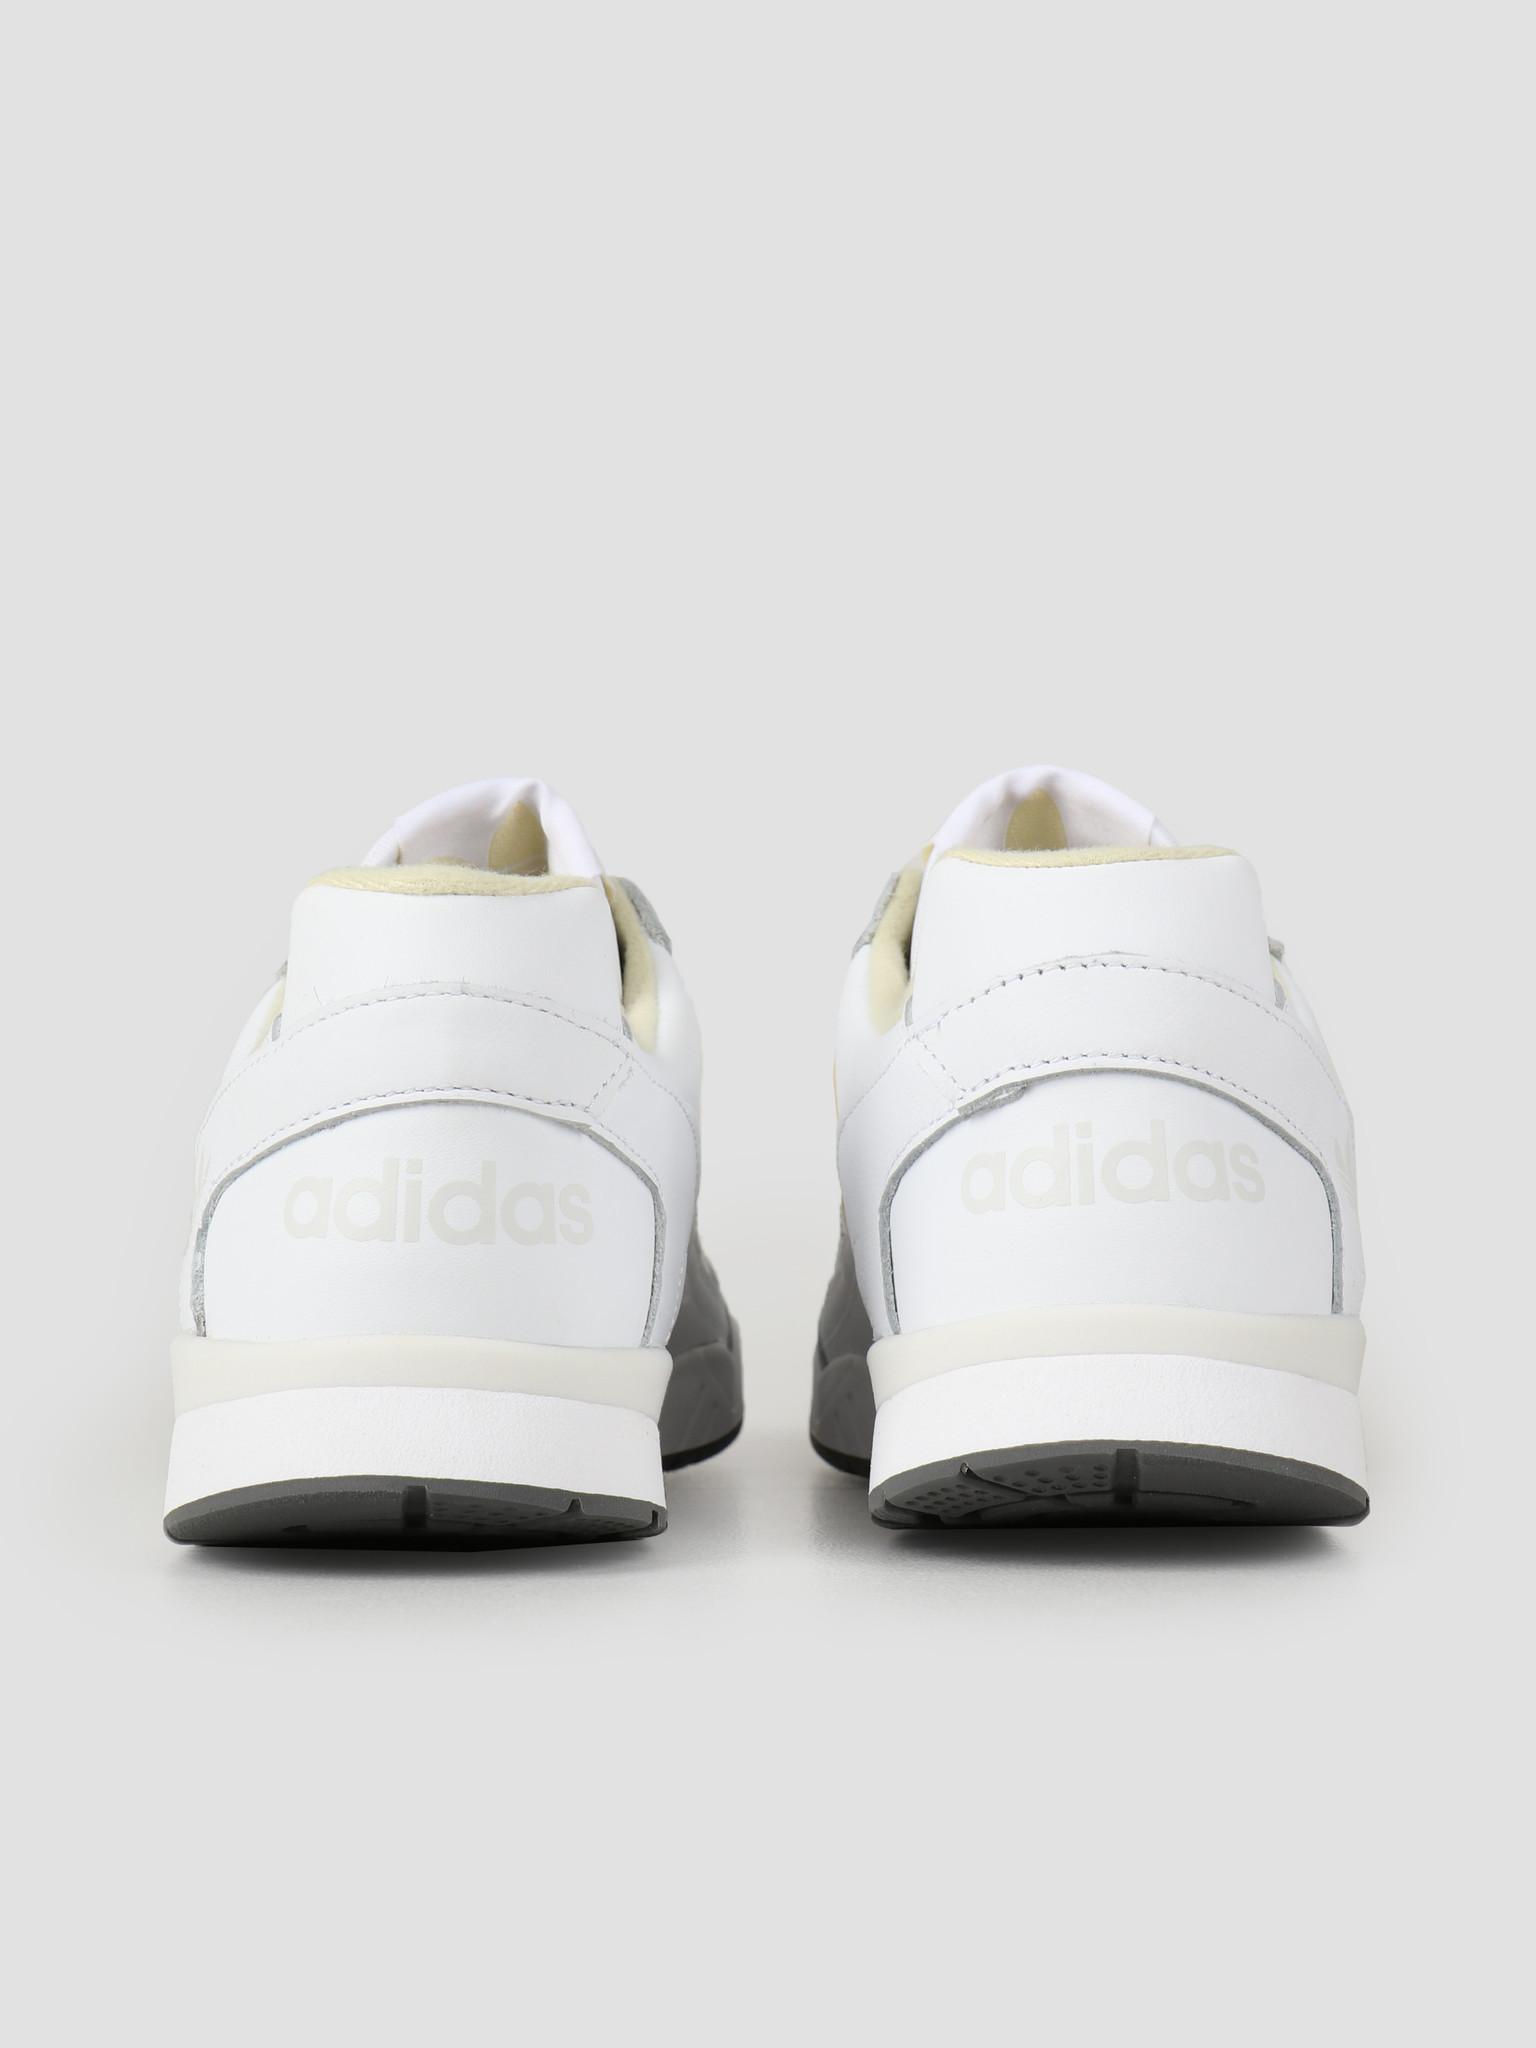 adidas adidas A.R. Trainer Ftwwht Easyel Crywht BD7840